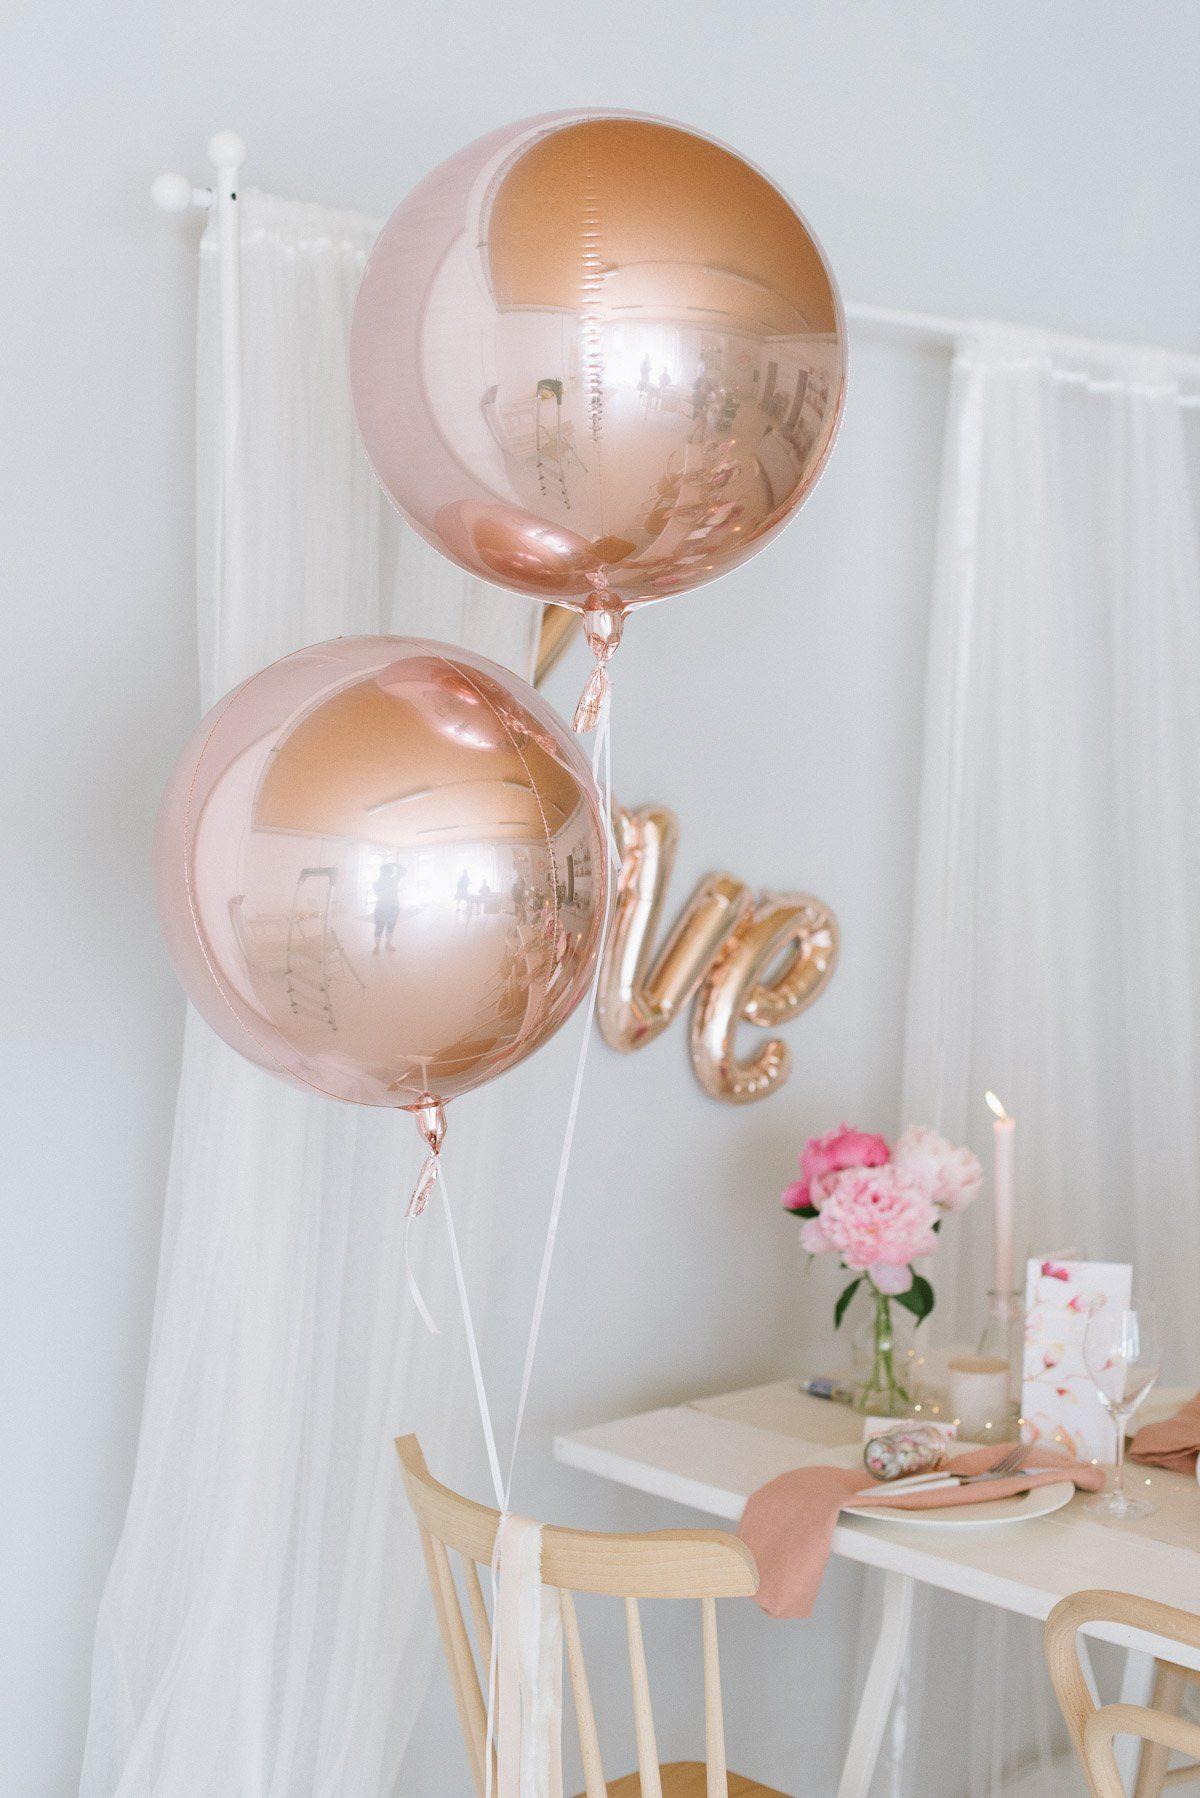 roségoldene Kugelballons